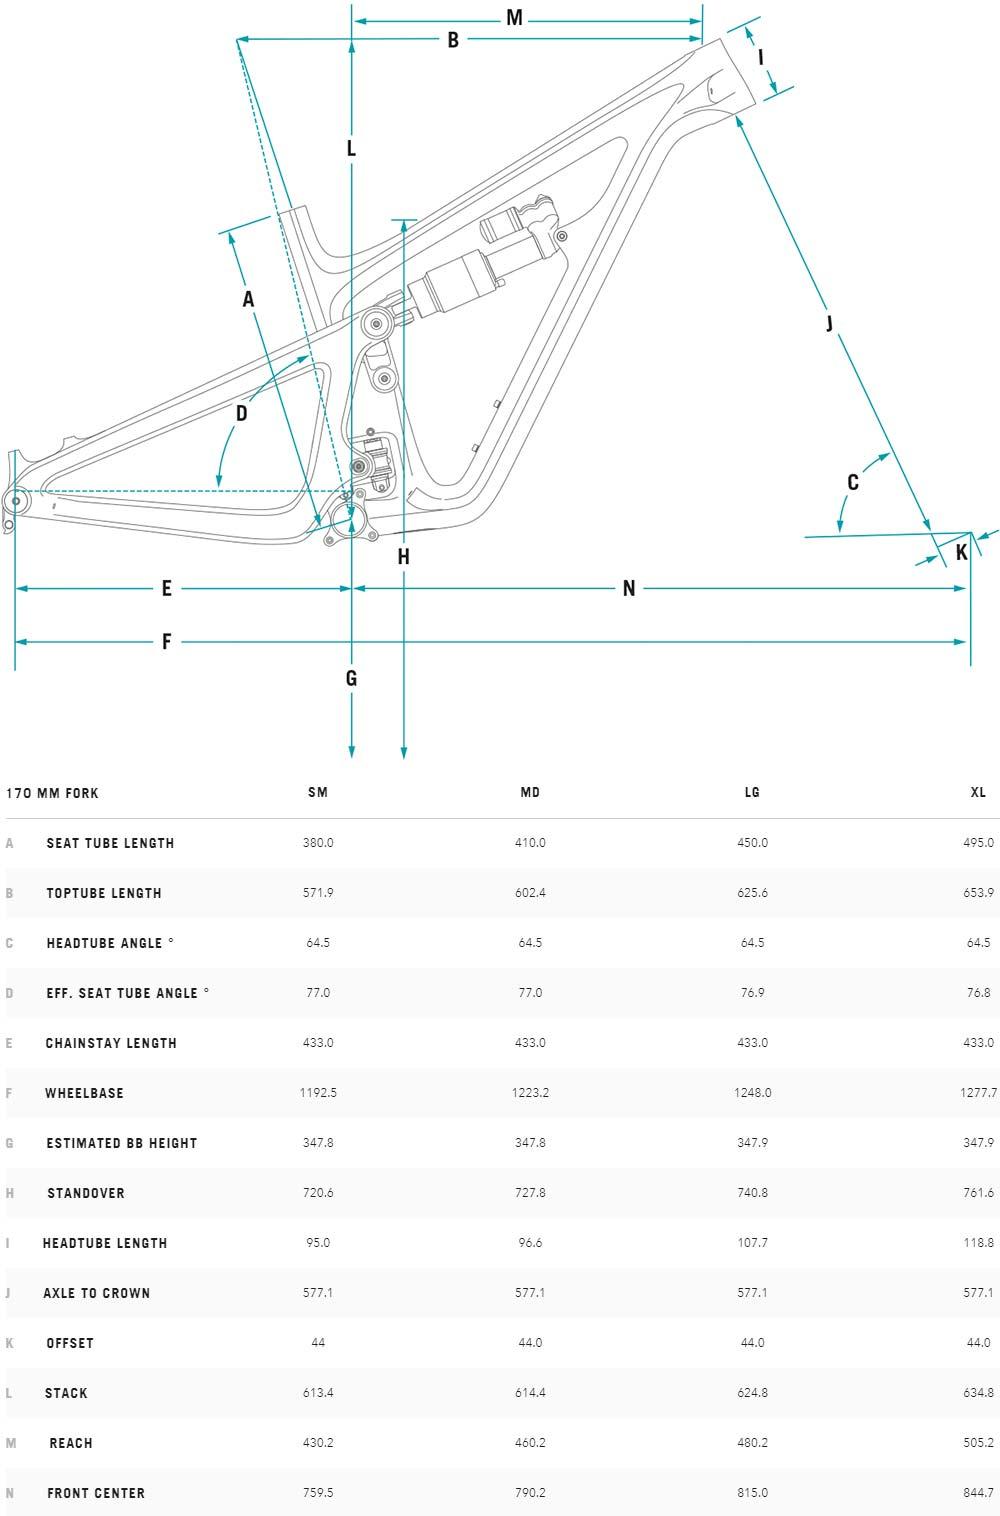 En TodoMountainBike: Ruedas de 29 pulgadas, 150 milímetros de recorrido trasero y geometría moderna para la Yeti SB150